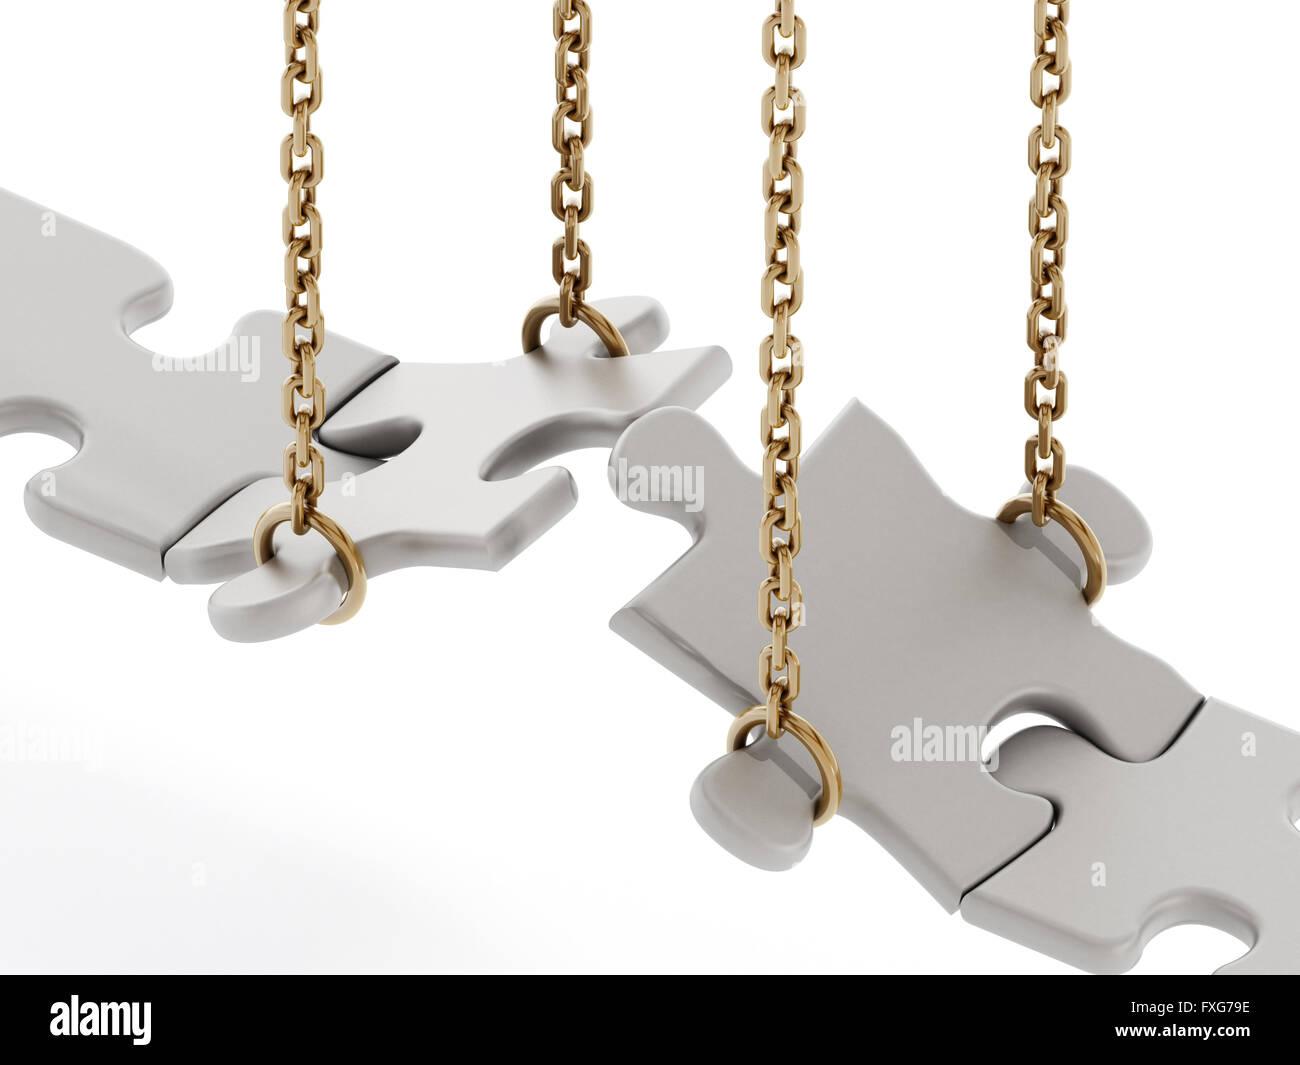 Las piezas de un rompecabezas formando un puente aislado sobre fondo blanco. Imagen De Stock